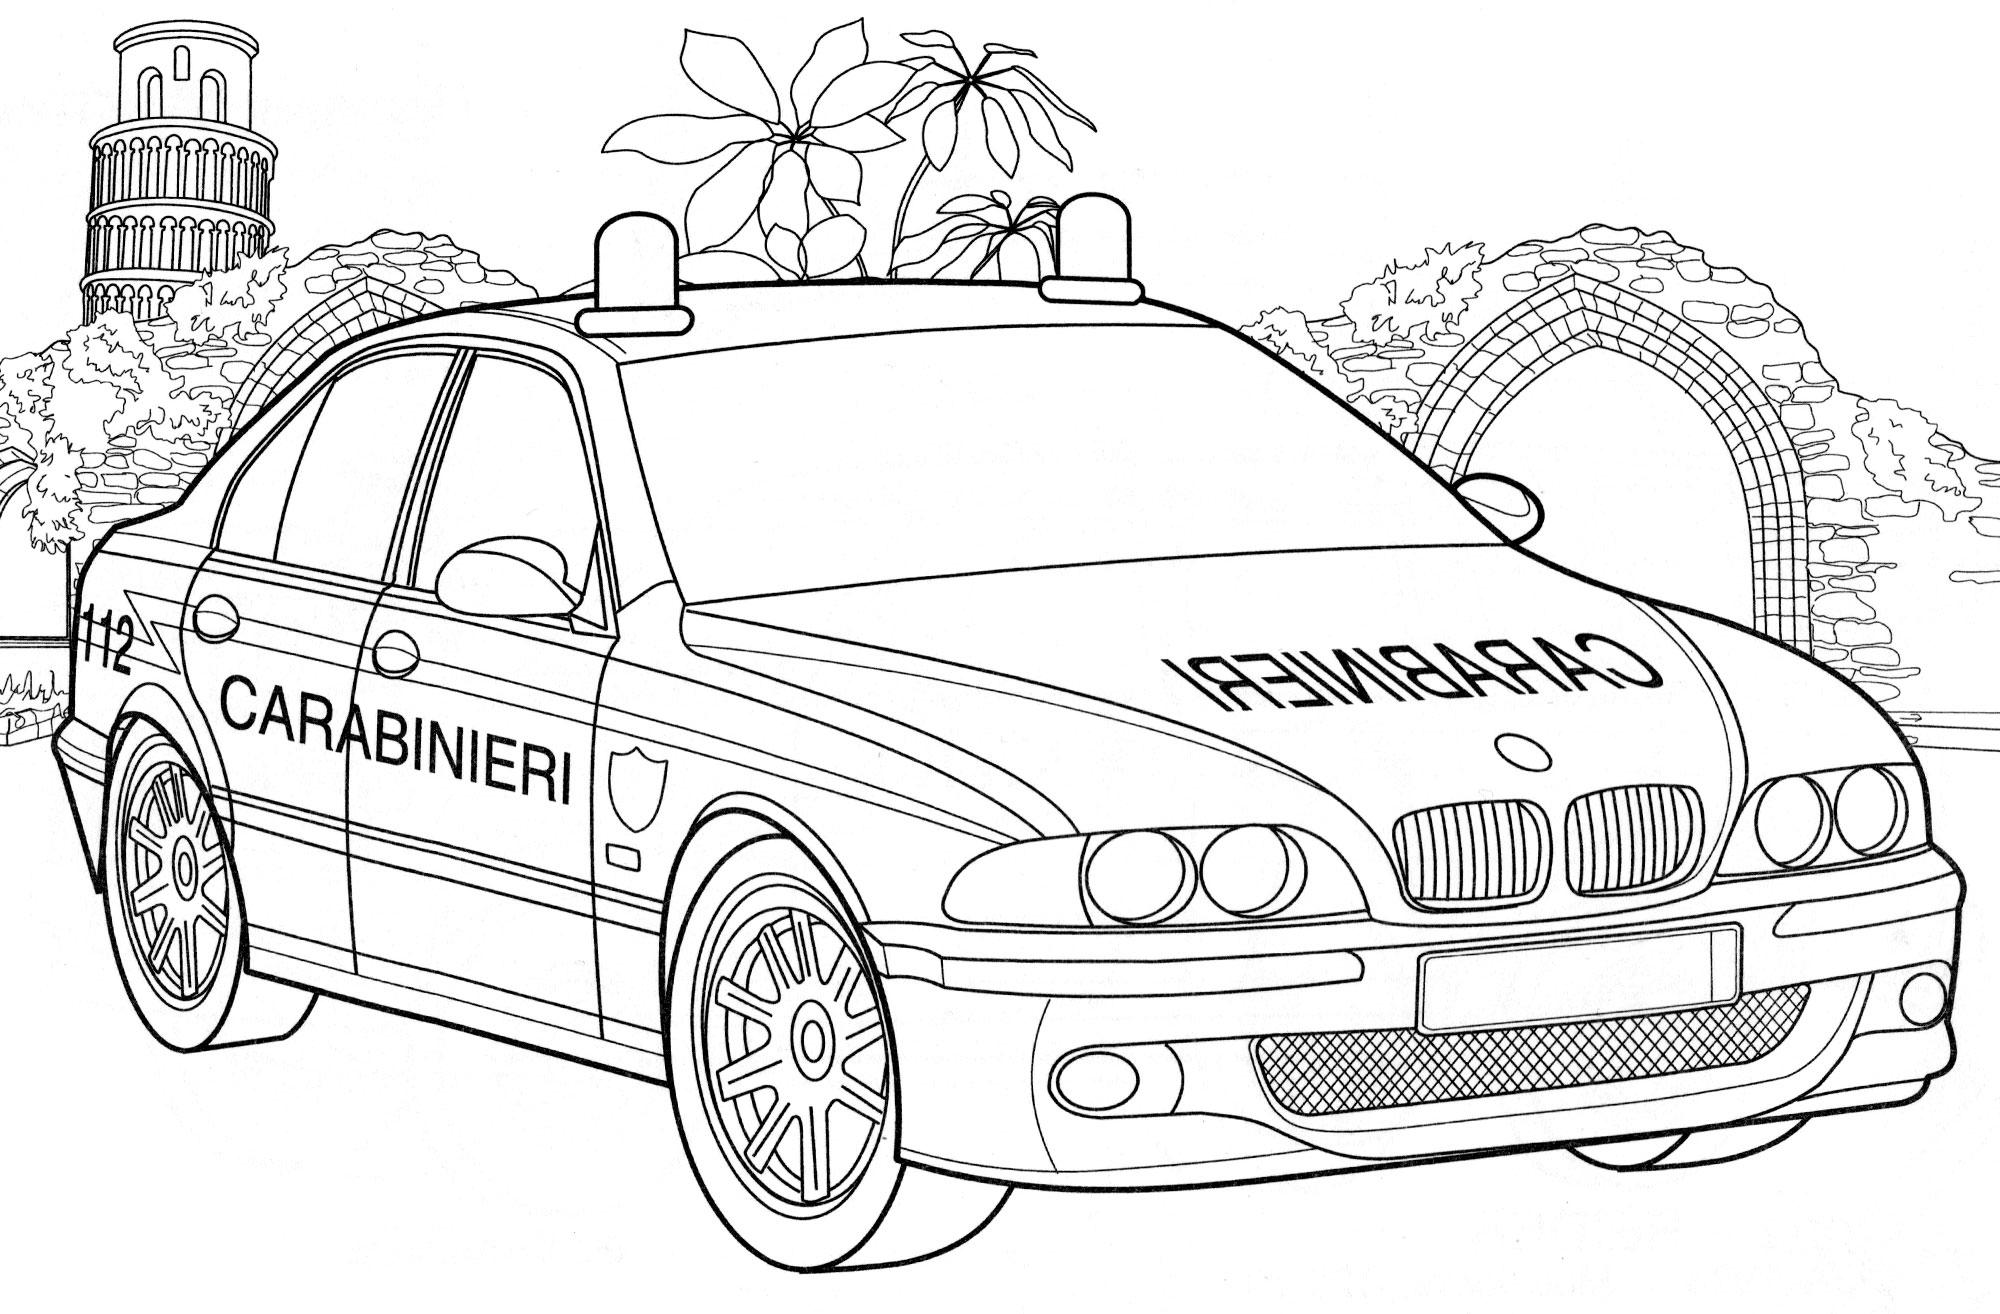 Раскраска Полицейская машина Италия - распечатать бесплатно